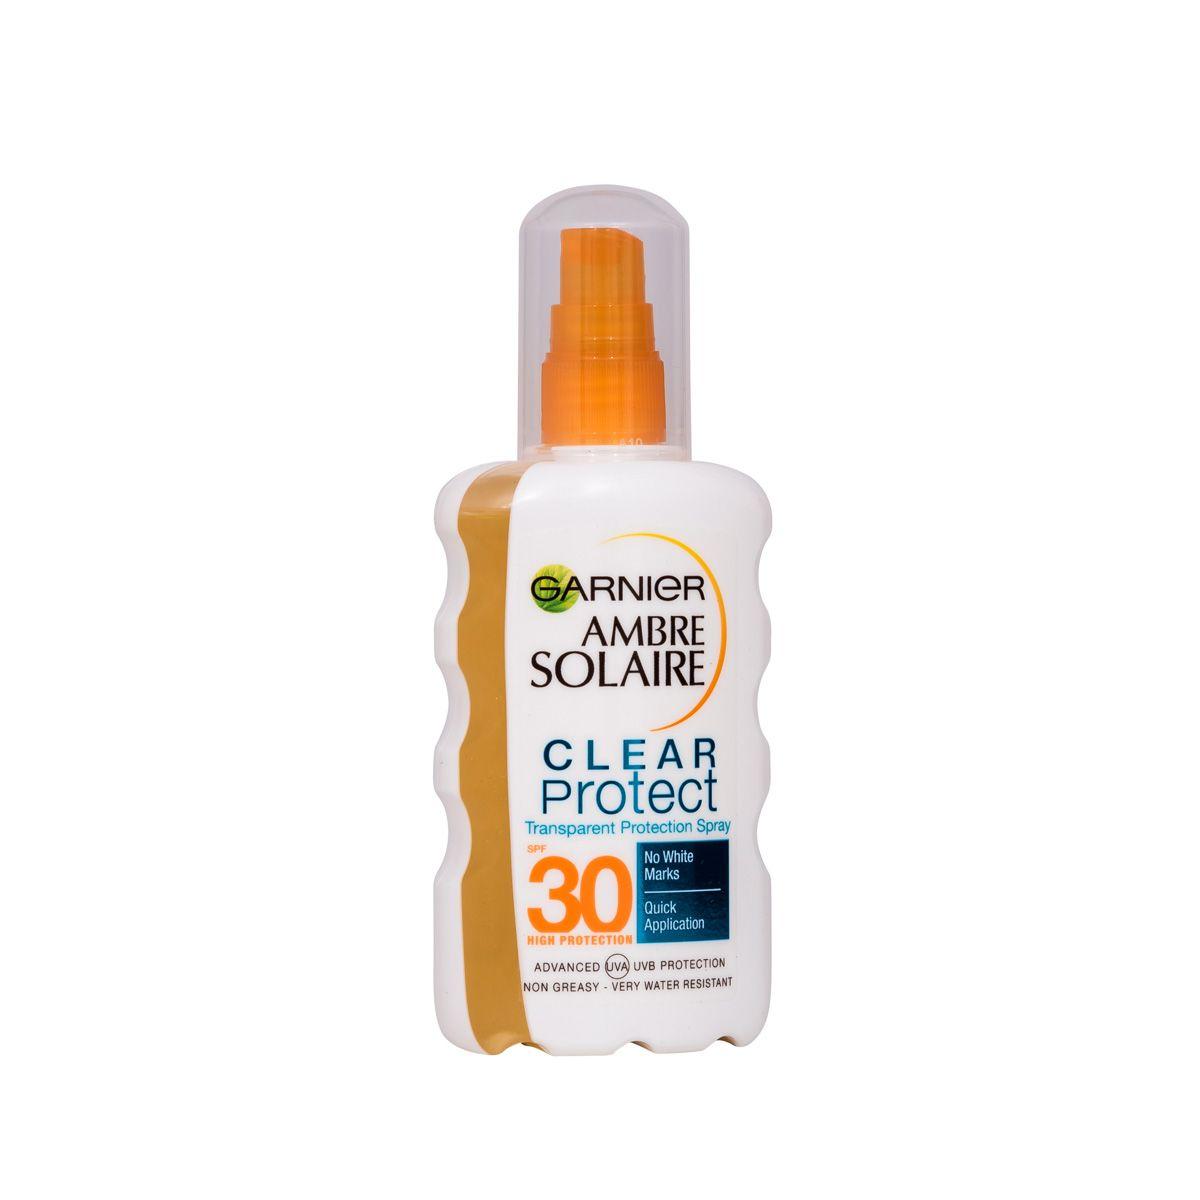 Garnier Ambre Solaire Clear Protect Sun Spray SPF30